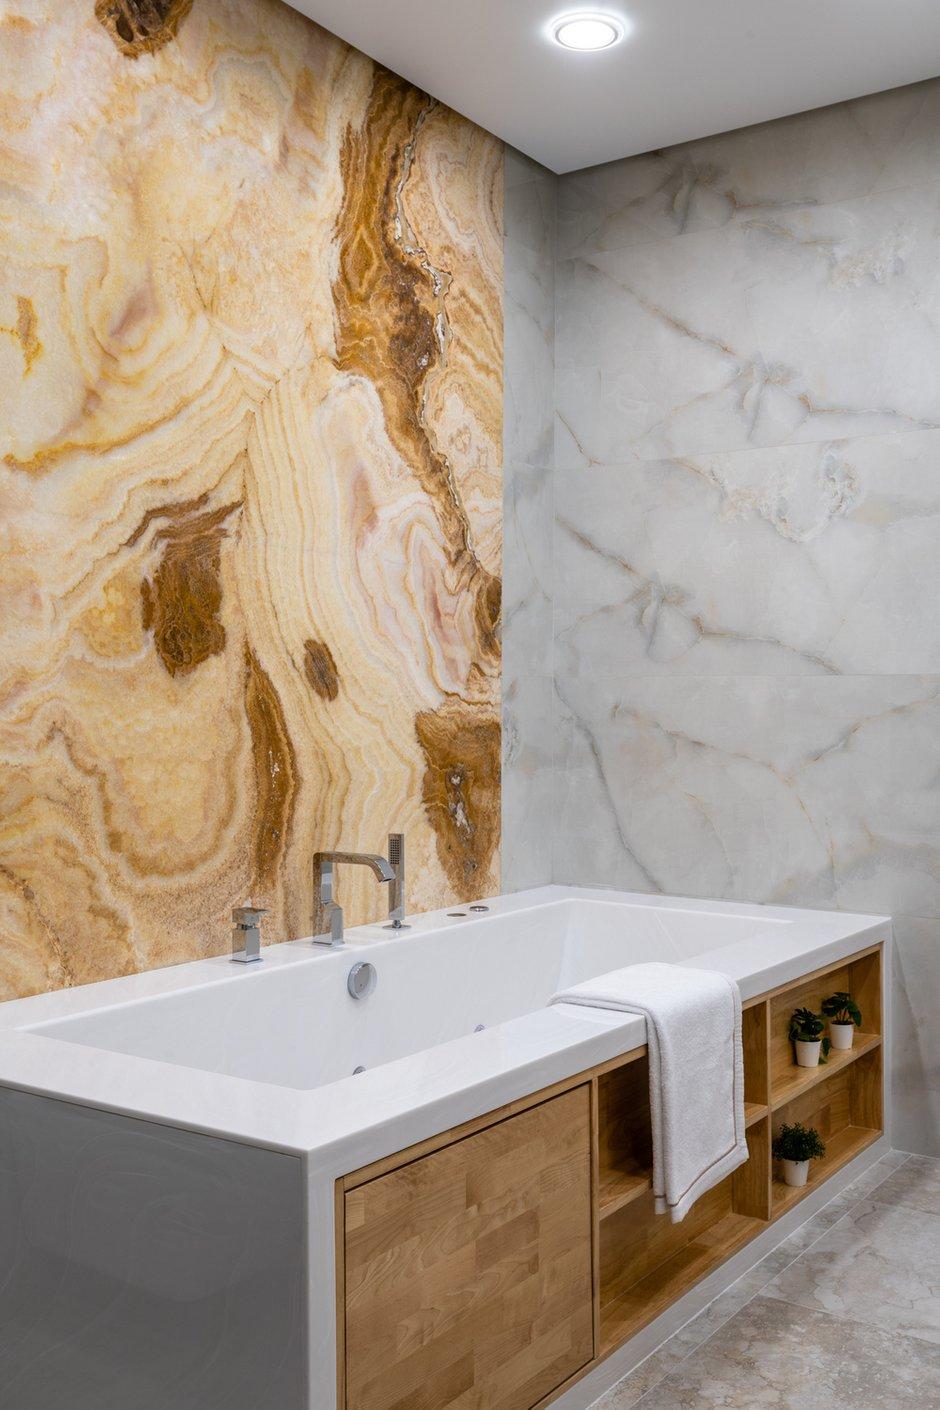 Ванная комната в этой квартире сейчас одно из любимых мест отдыха. Когда выключается основной свет и включается подсветка оникса, пространство становится не просто ванной комнатой, а красивой SPA-зоной. Сама ванна и мебель были изготовлены на заказ.